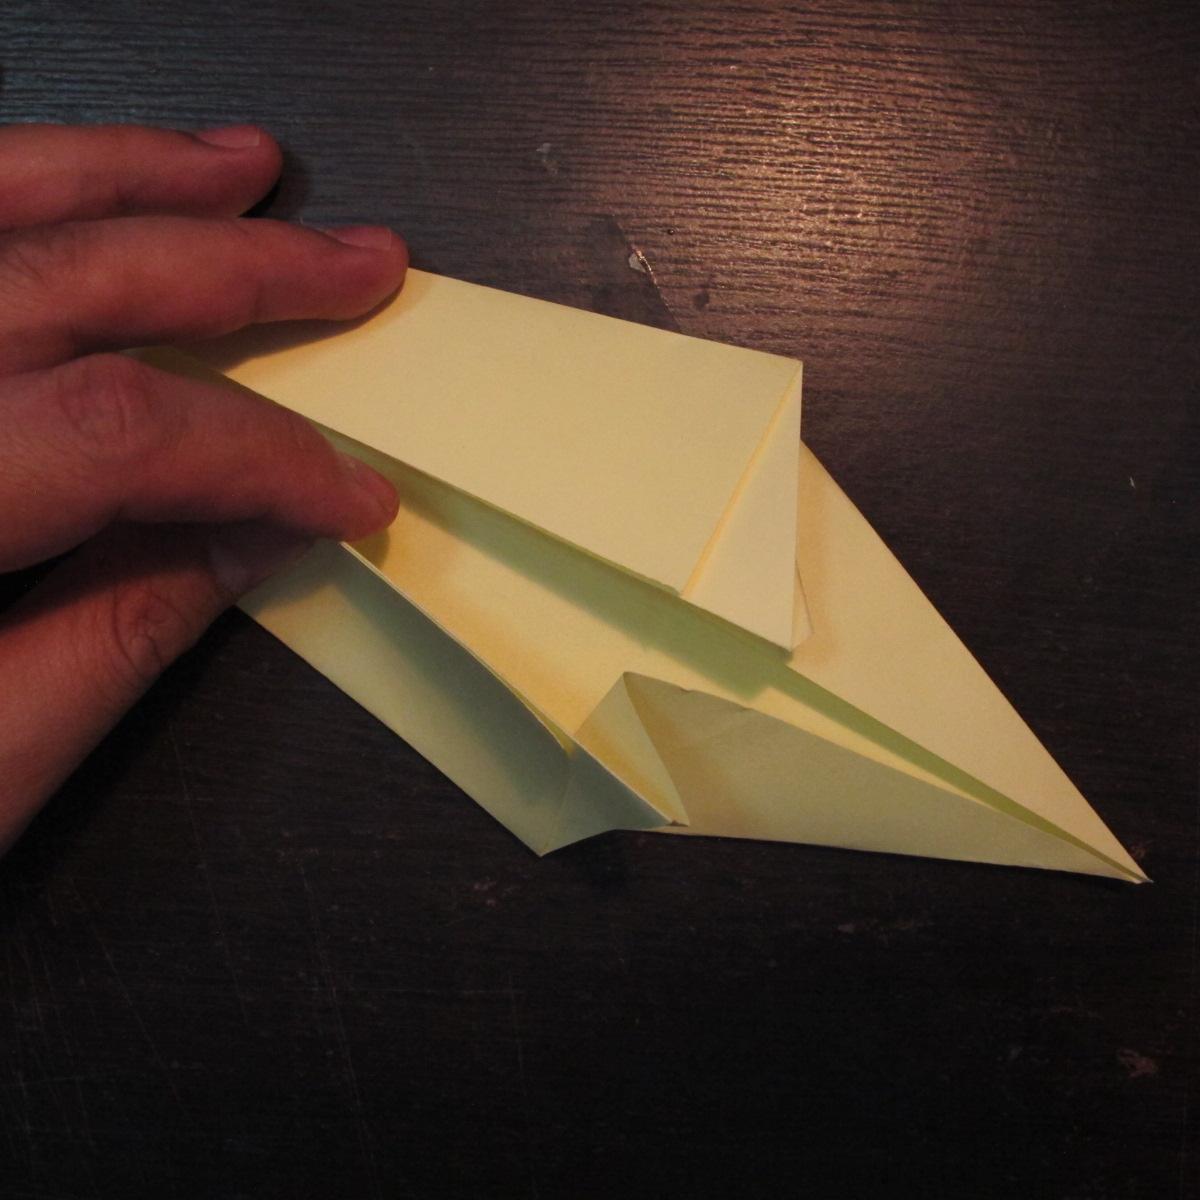 วิธีการพับกระดาษเป็นรูปหงส์ 006